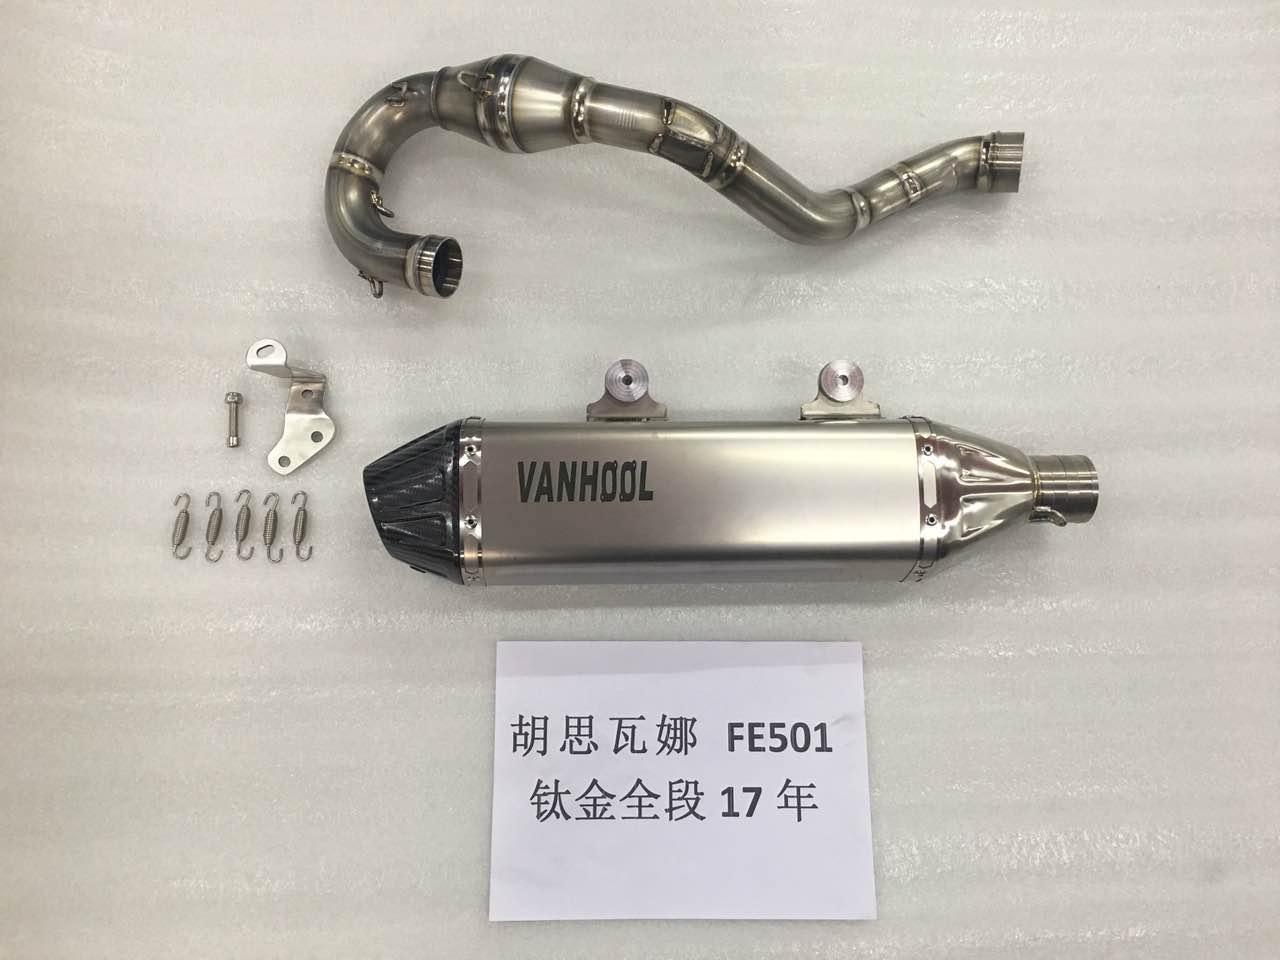 胡思瓦娜 FE501 2017钛合金改装摩托车排气管